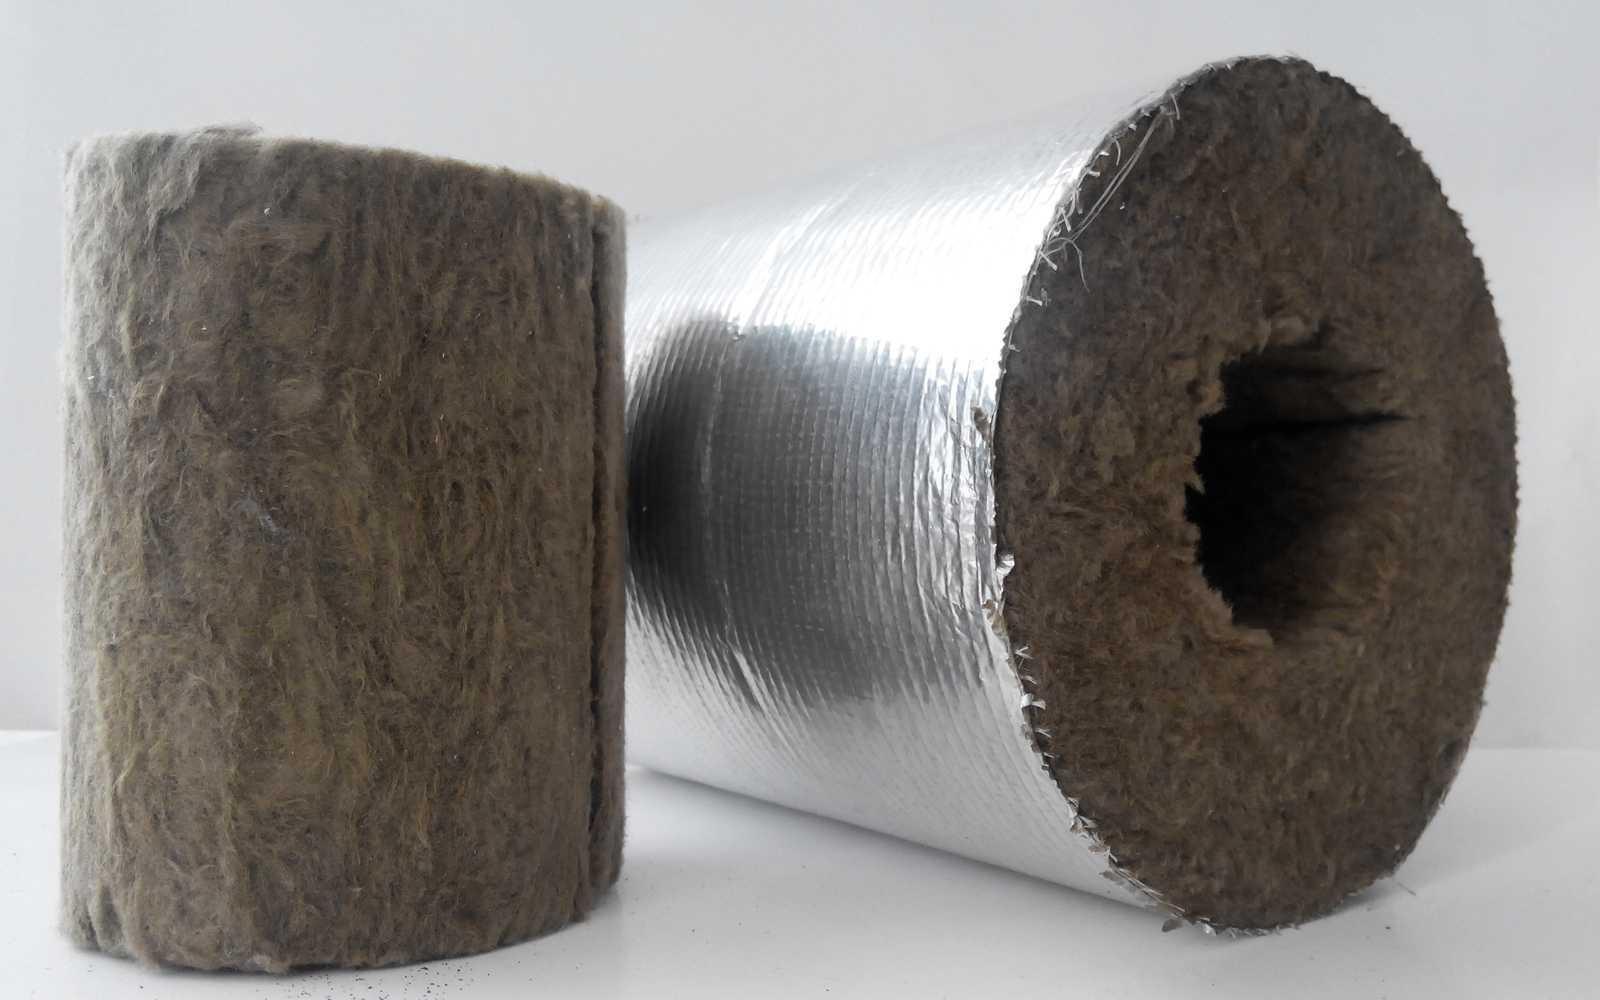 Базальтовая плита или минеральная вата: что лучше? чем отличается минвата от каменной по составу? отличия утеплителей по характеристикам